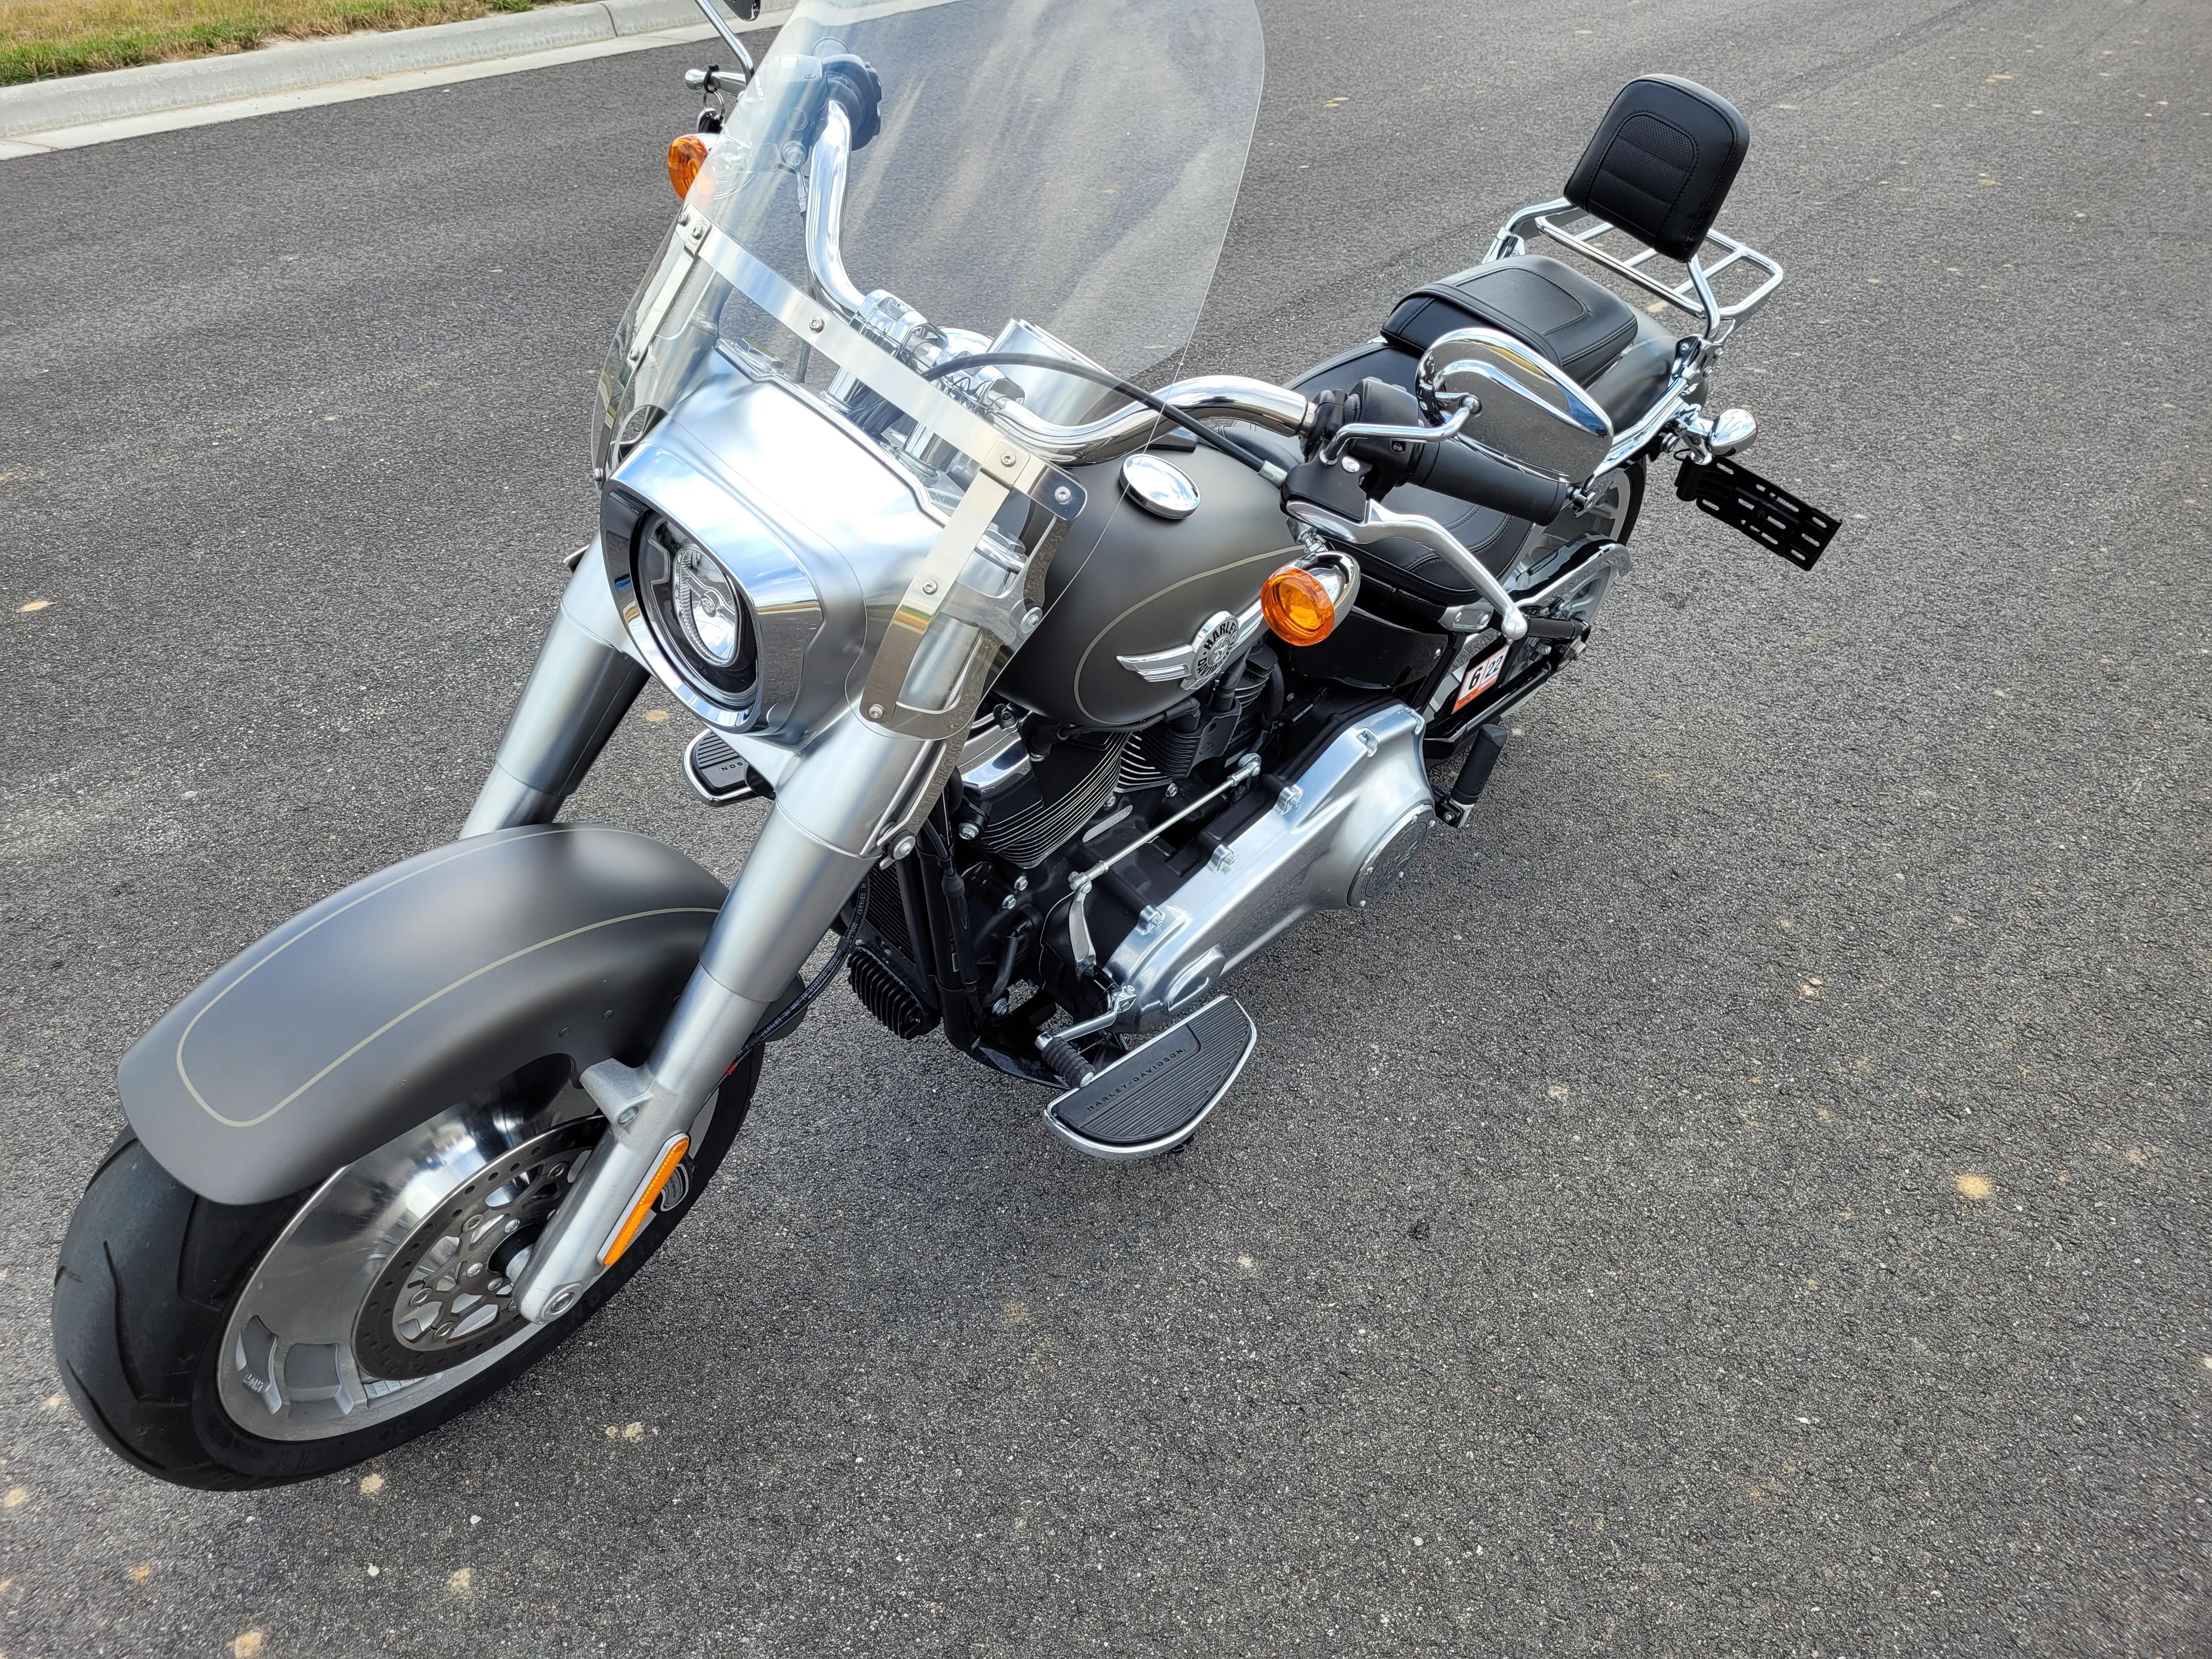 2019 Harley-Davidson Softail Fat Boy 114 at Richmond Harley-Davidson